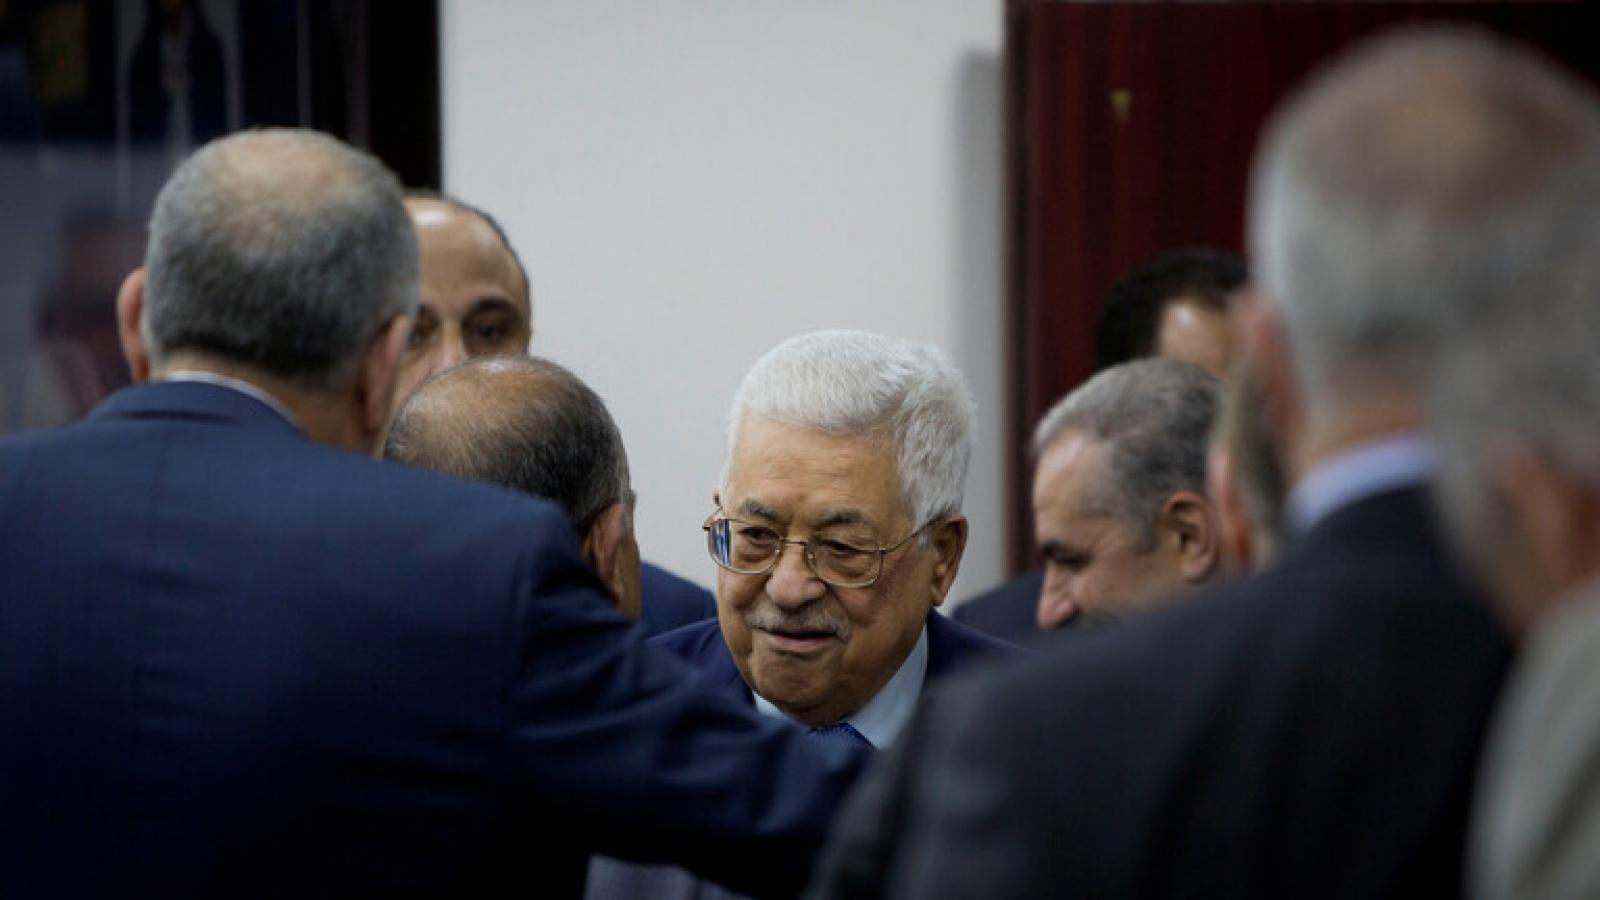 Tổng thống đắc cử Joe Biden sẽ giải quyết xung đột Palestine-Israel